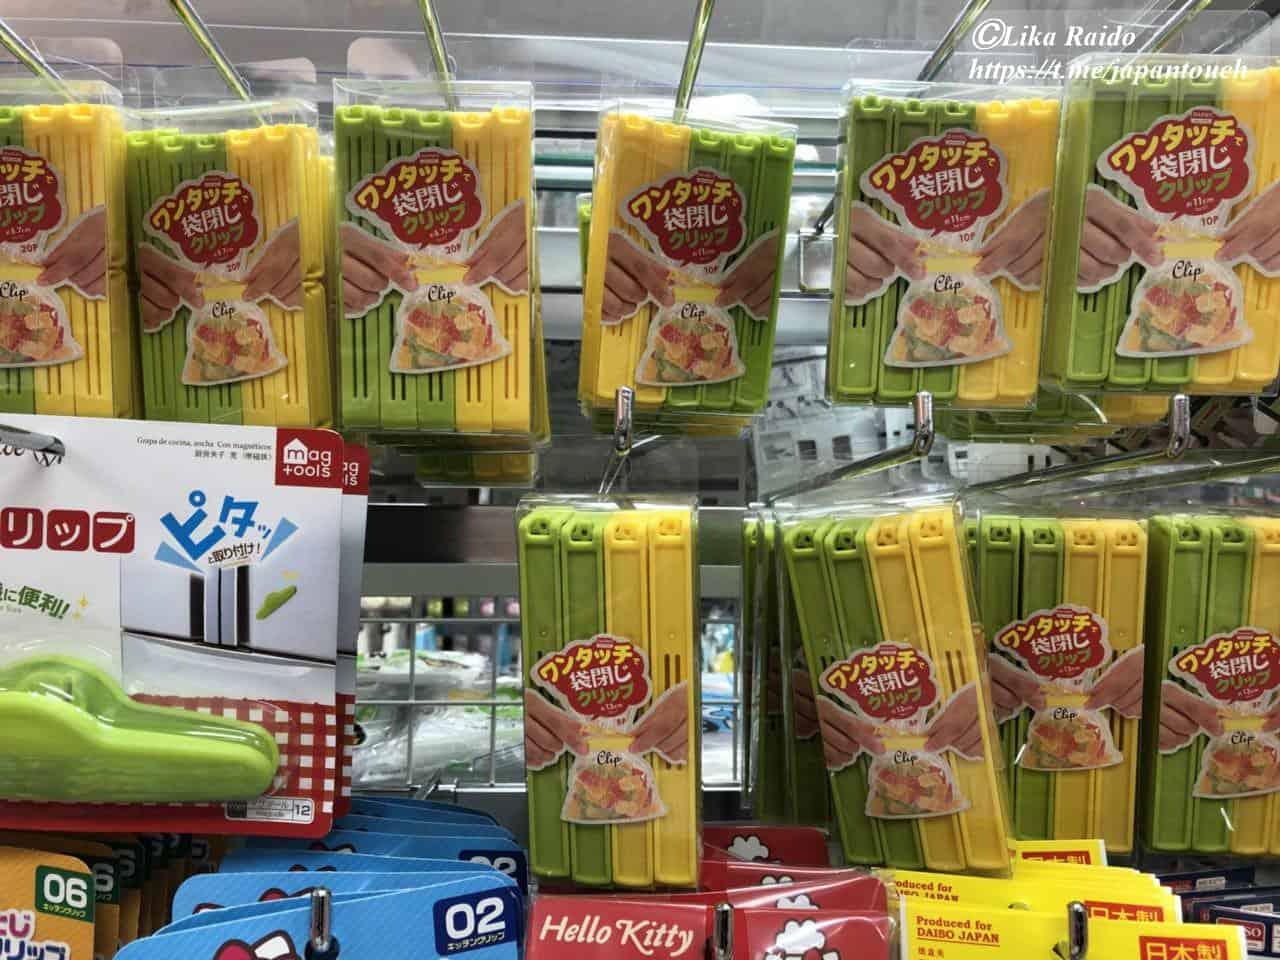 Японский 100 йенник – рай для шопоголика:)